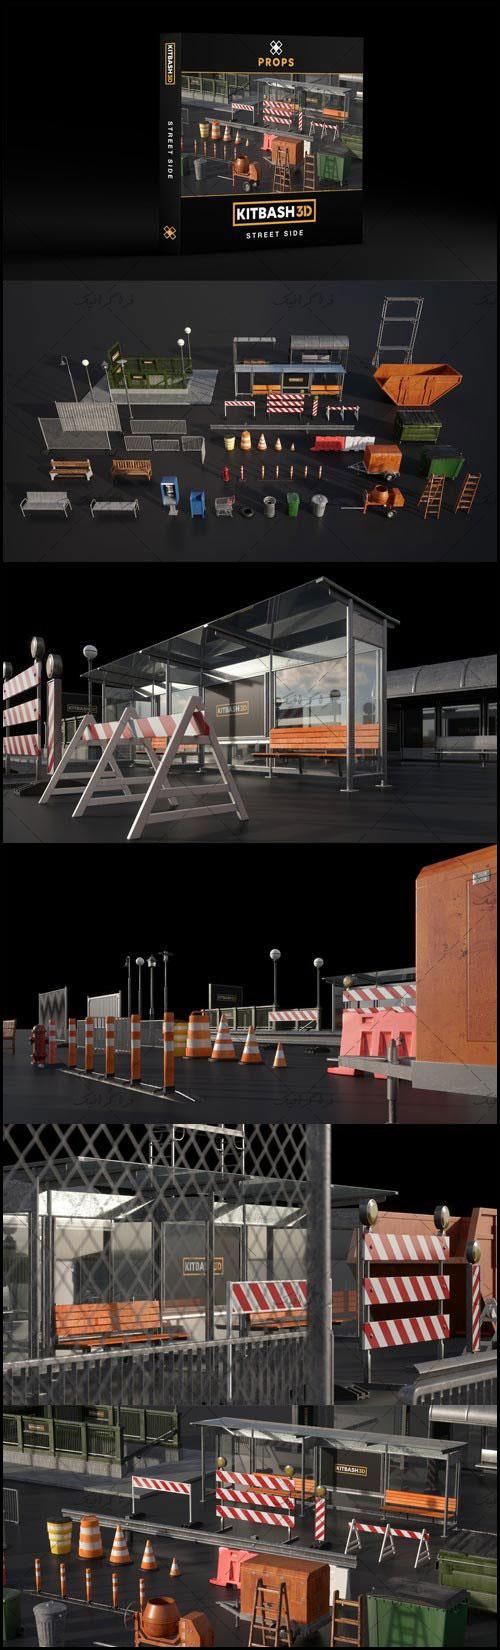 دانلود مدل سه بعدی مجموعه وسایل خیابان